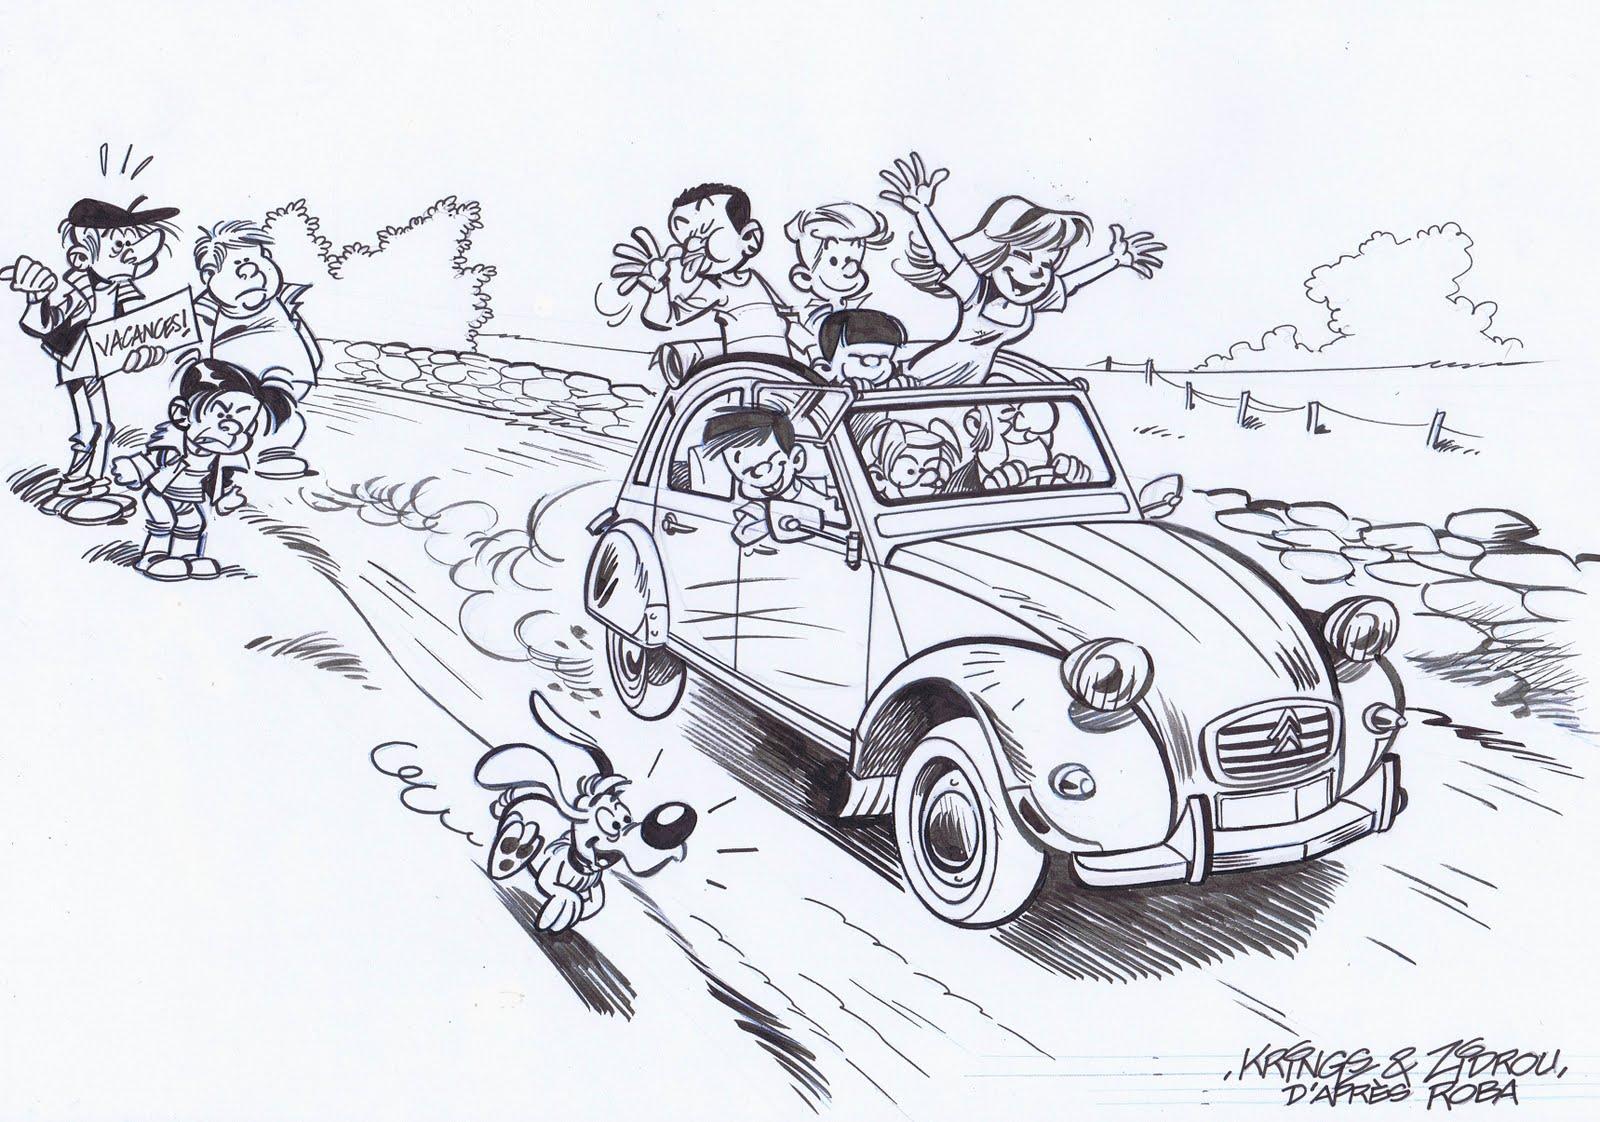 le blog  u00e0 dessin de krings  la ribambelle en 2cv